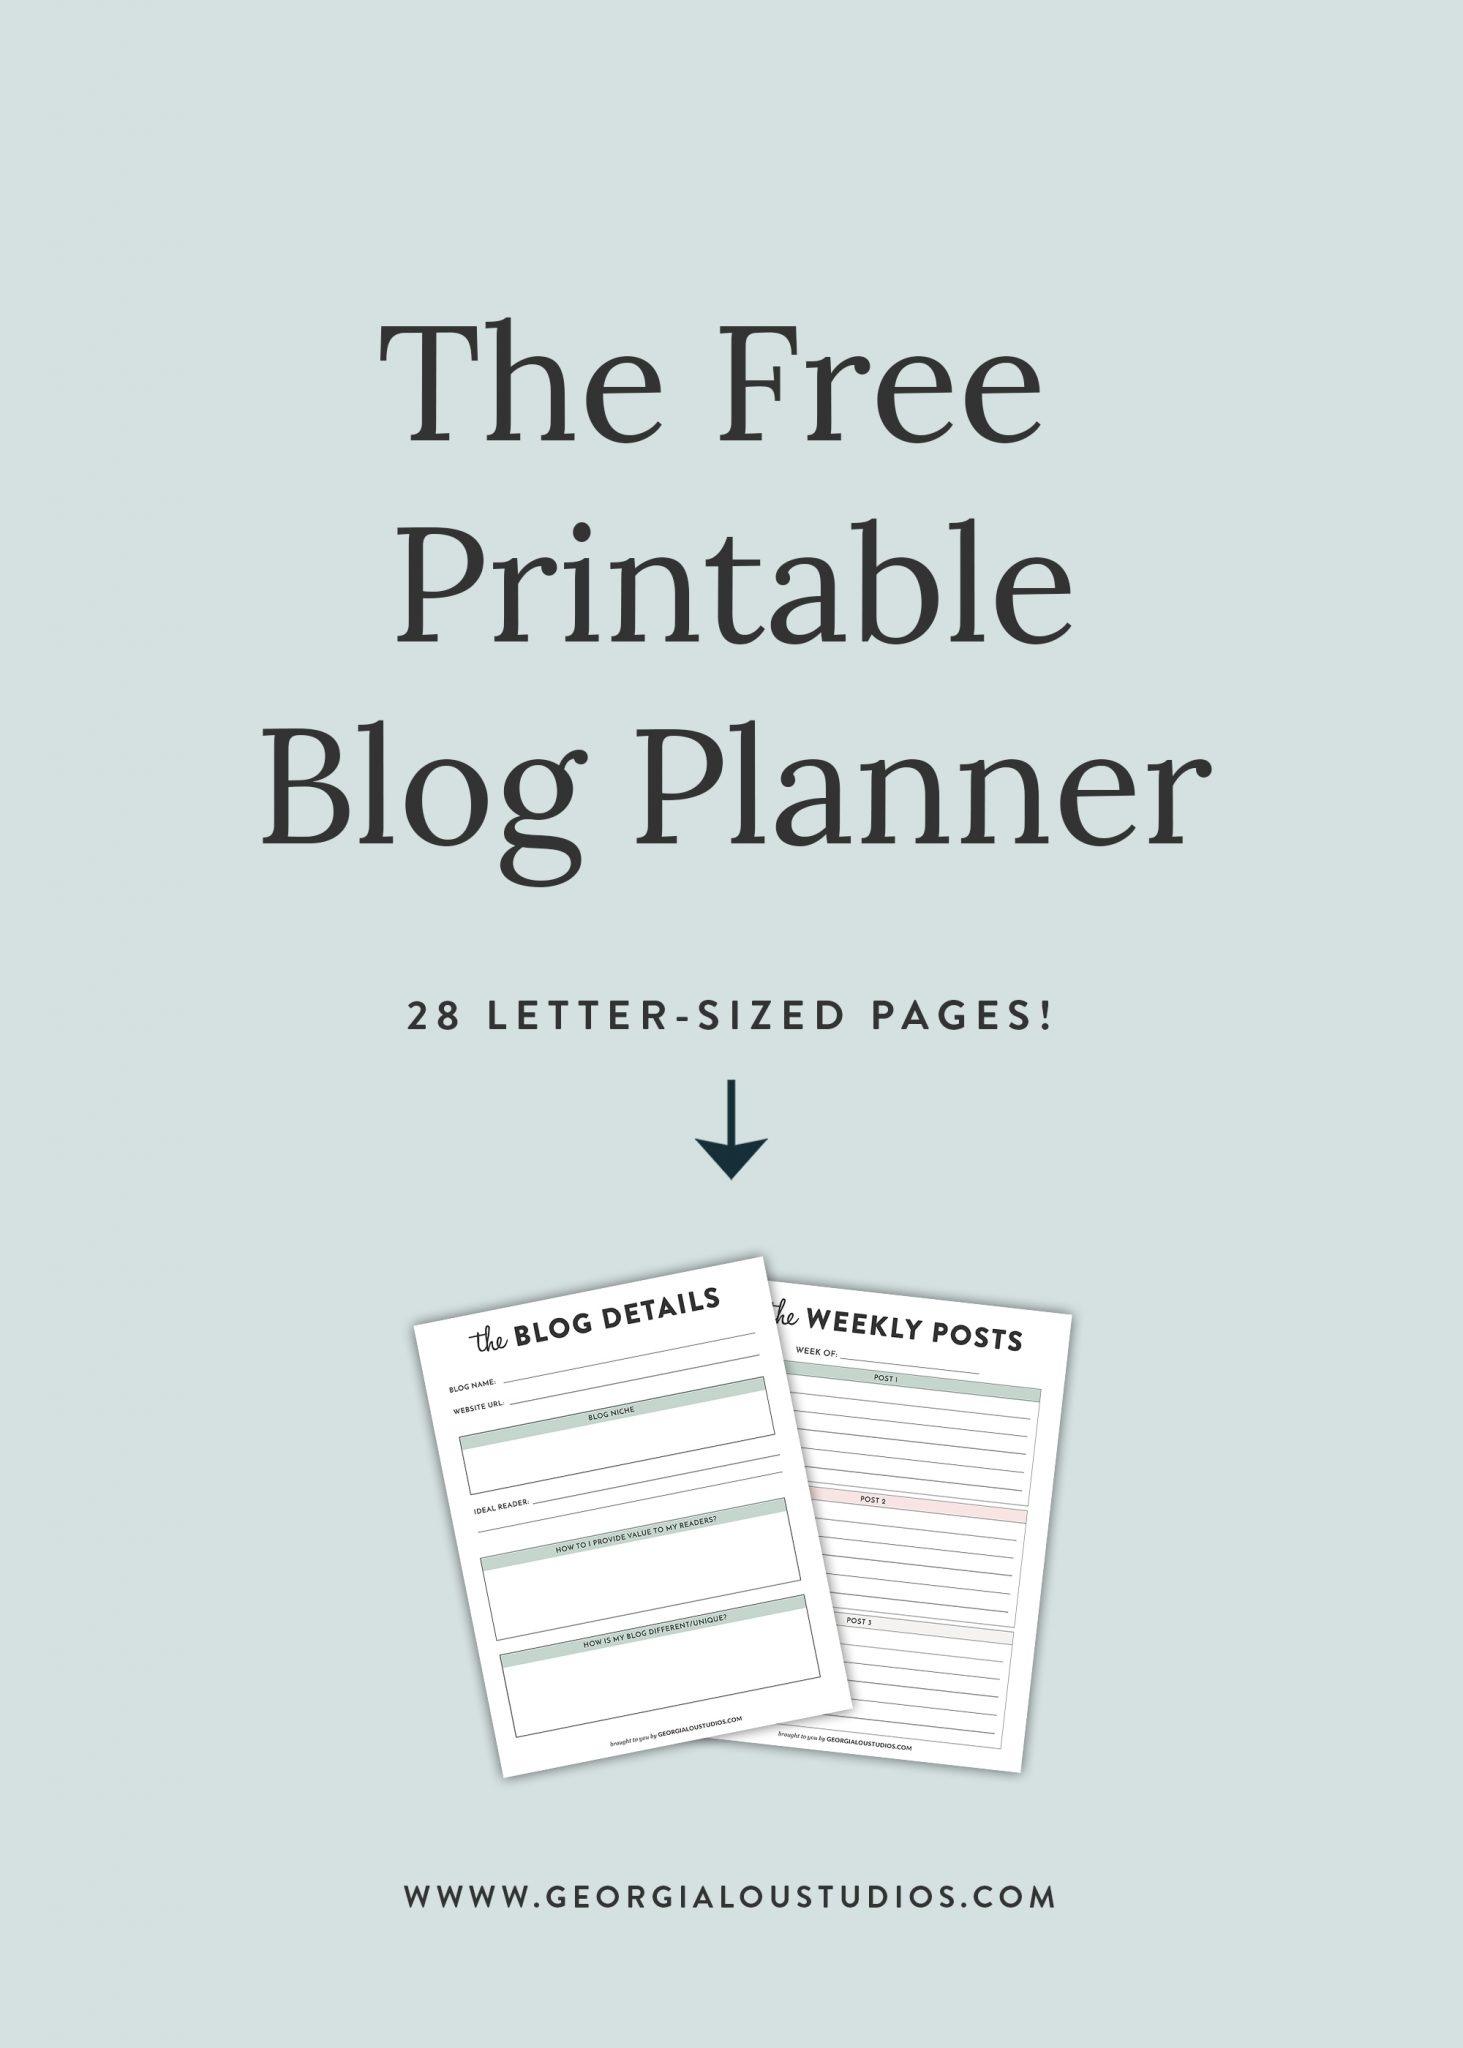 Free Blog Planner, Printable Pdf | Georgia Lou Studios - Free Printable Pictures